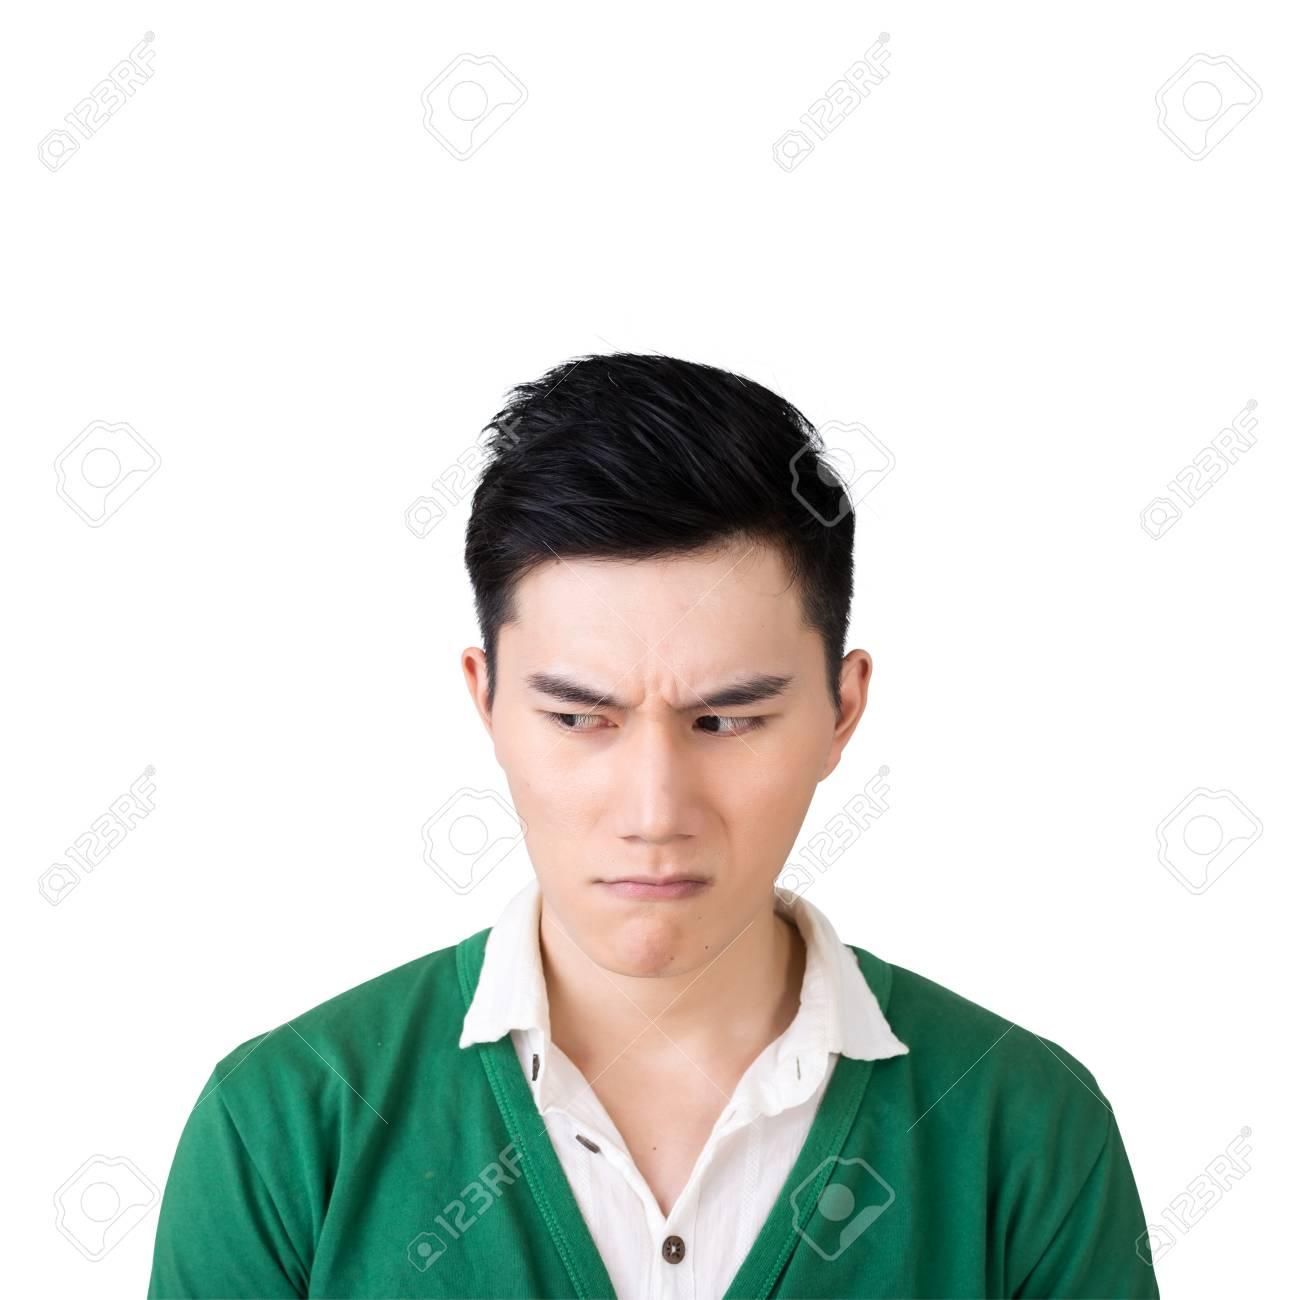 Funny facial expression, closeup Asian young man. - 52821026